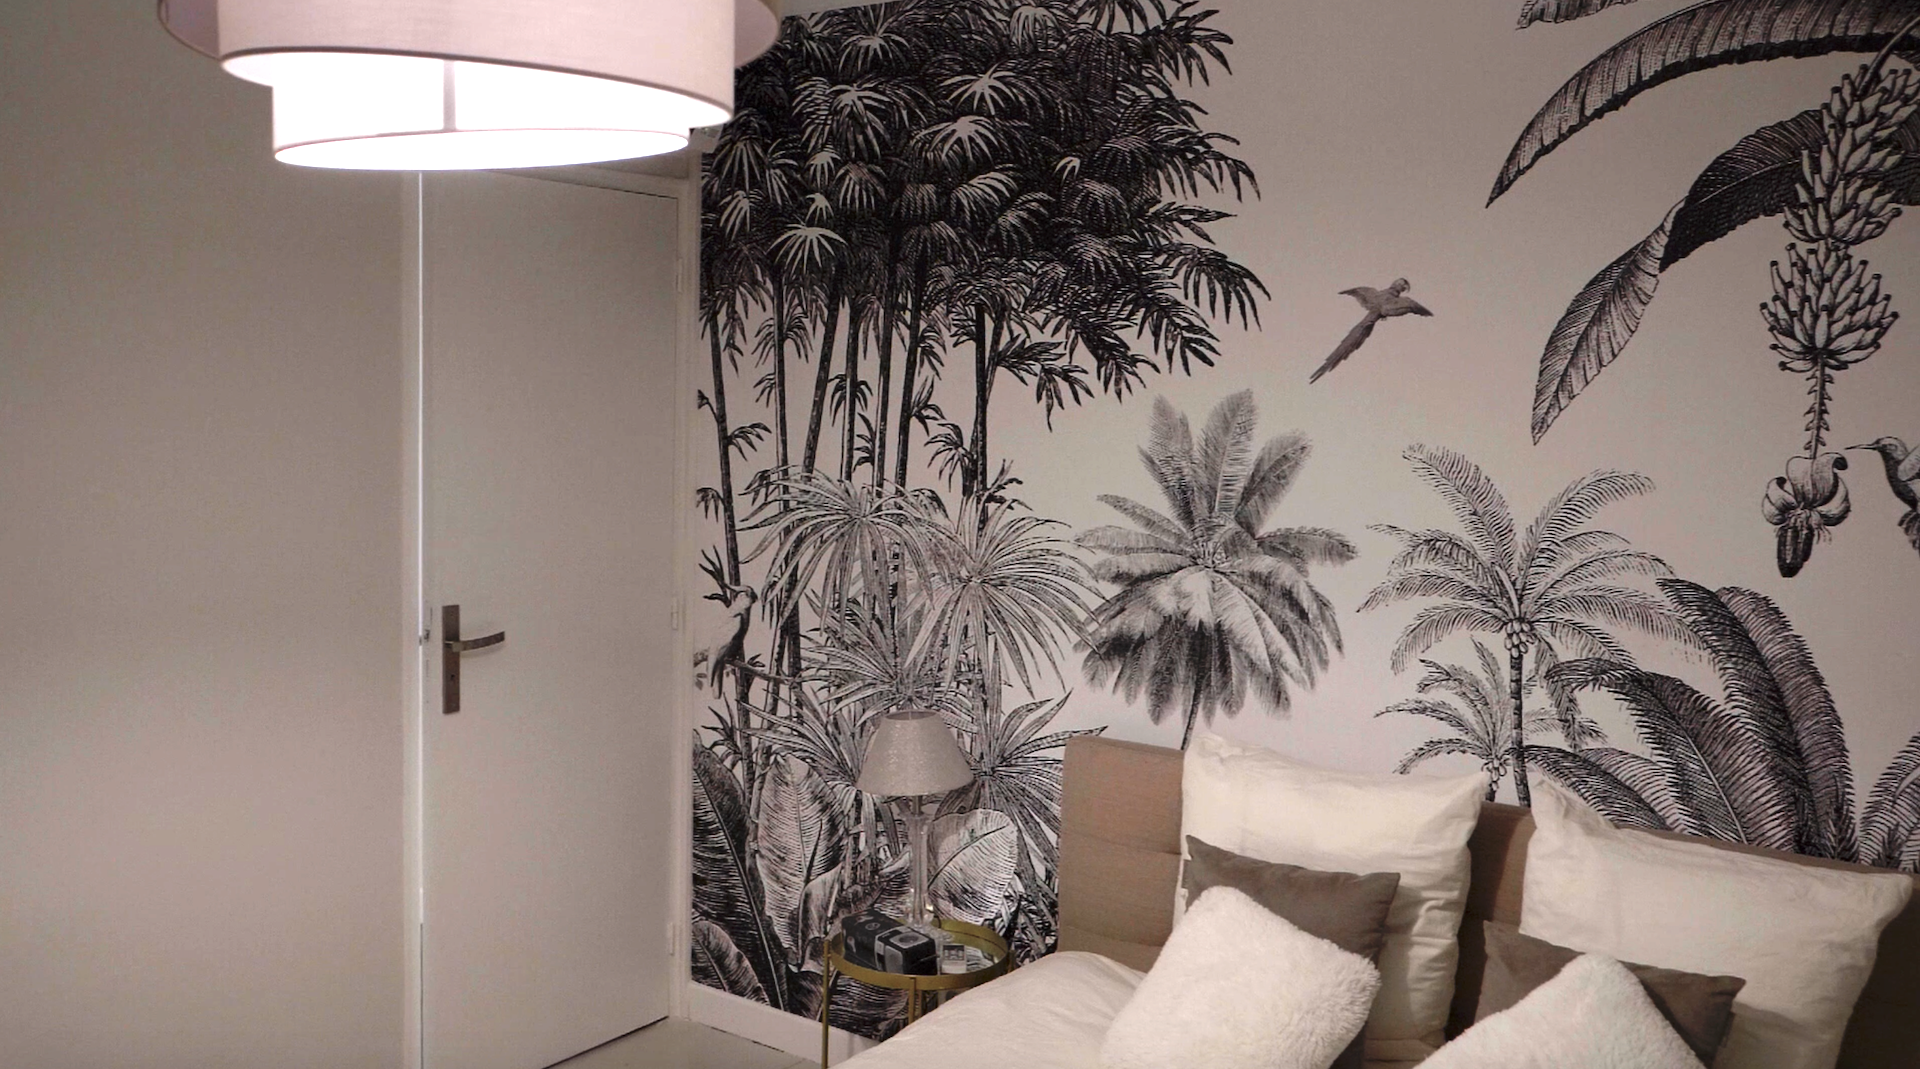 Chambre avec un pan de papier peint avec un motif tropical